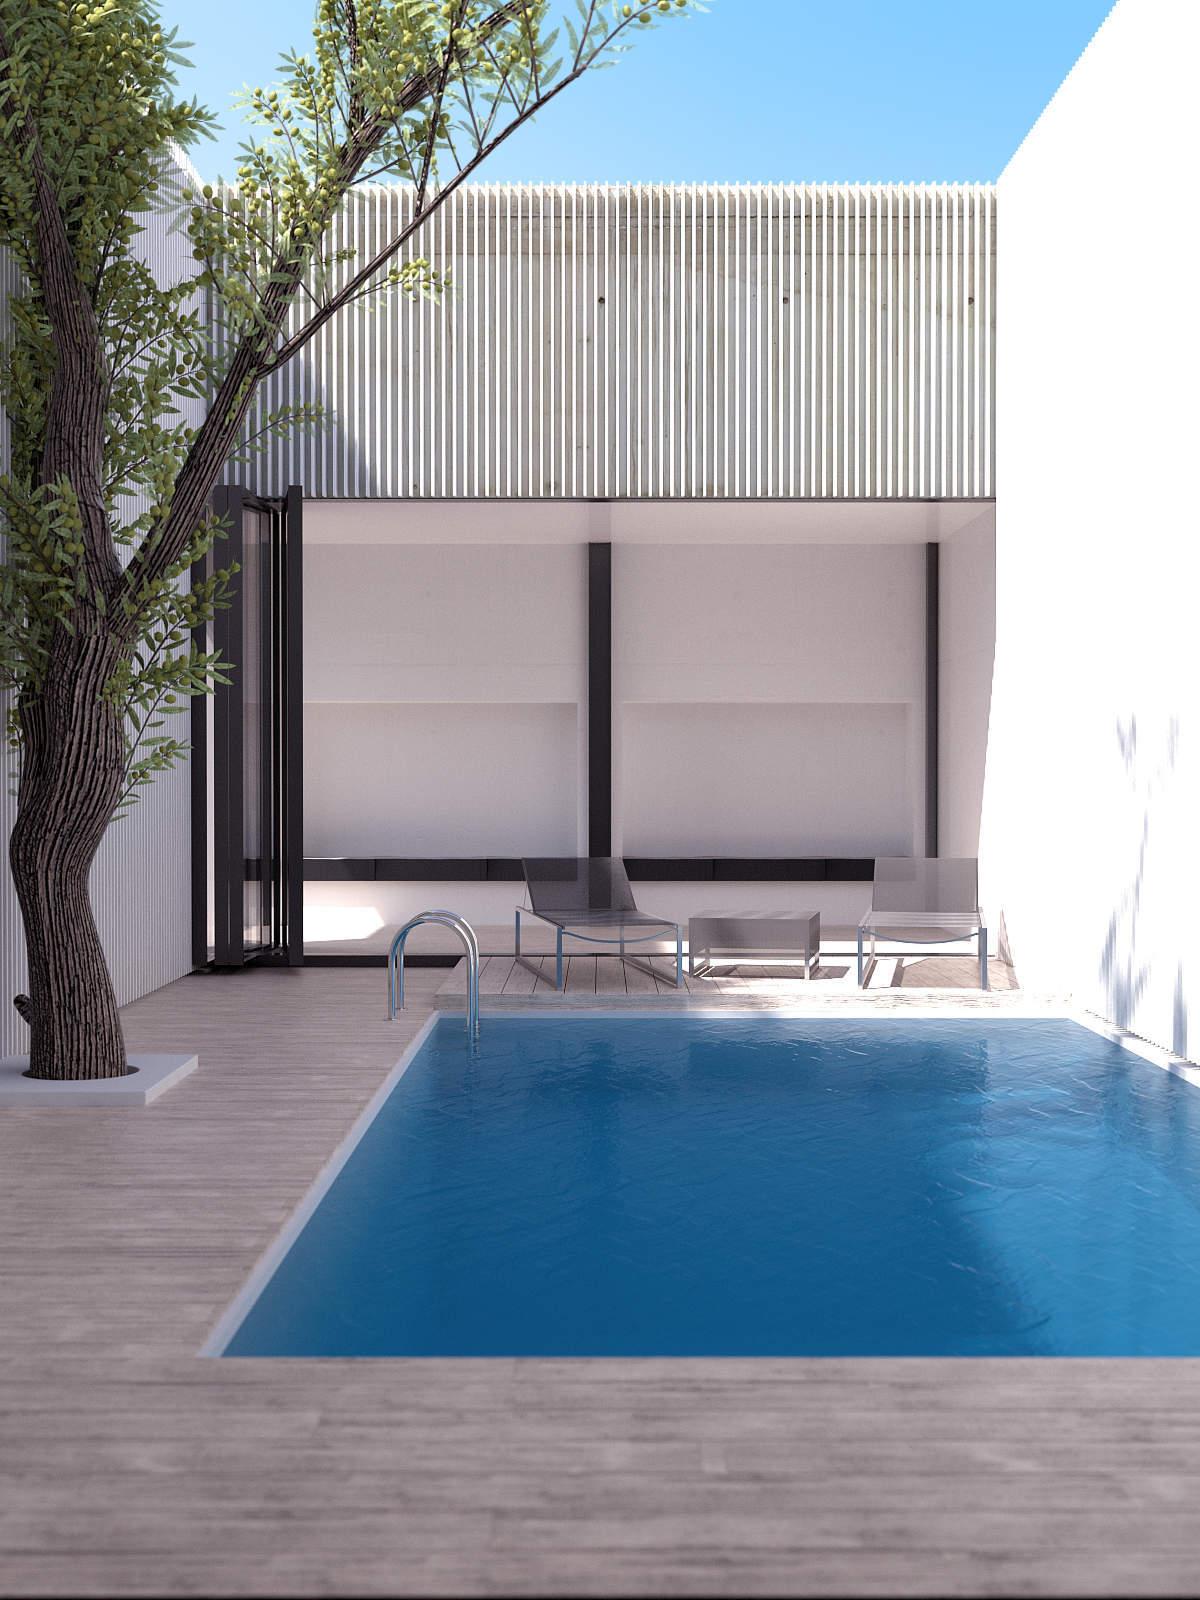 Piscine dans une terrasse en bois : un intemporel en matière de piscine